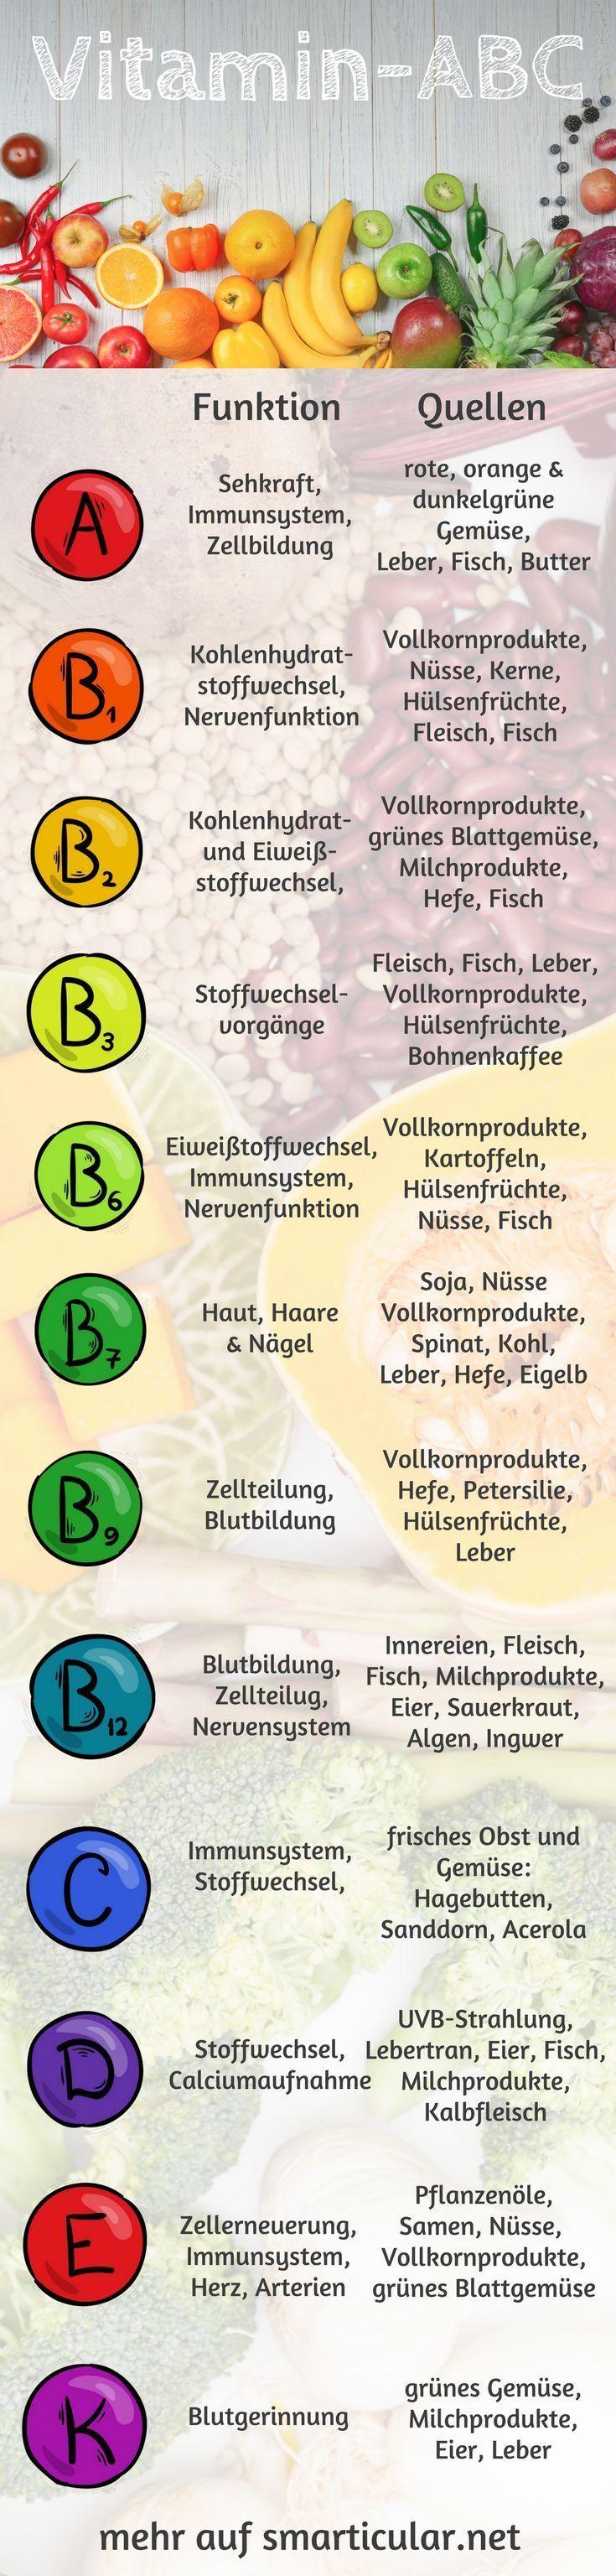 Vitamin-ABC: Wo steckt was drin und wofür ist es gut? #vitamins